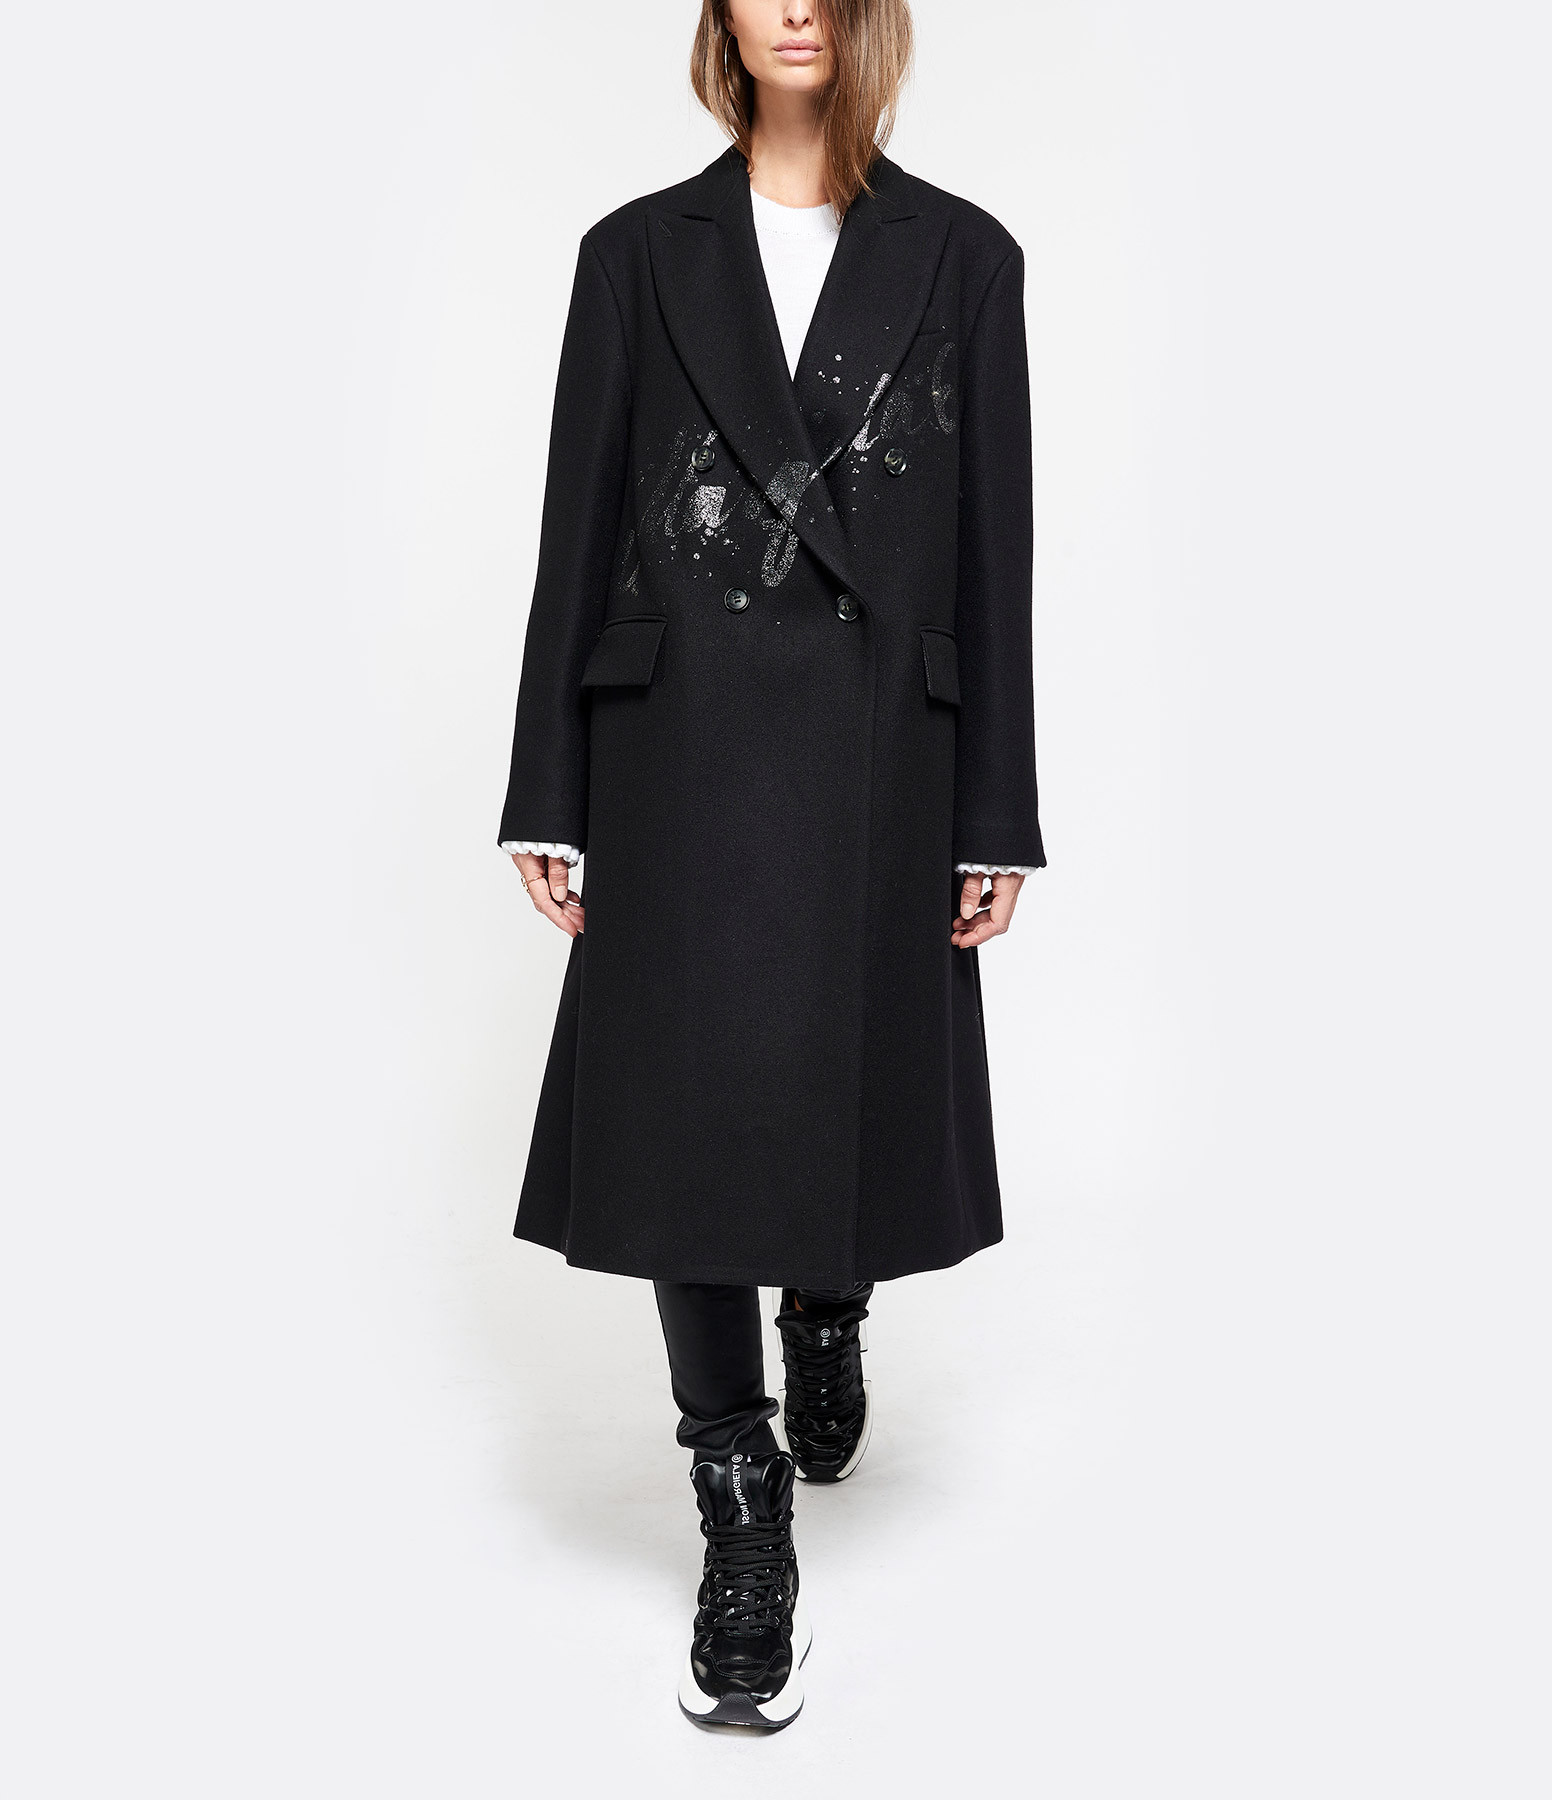 MM6 MAISON MARGIELA - Manteau Loose Noir